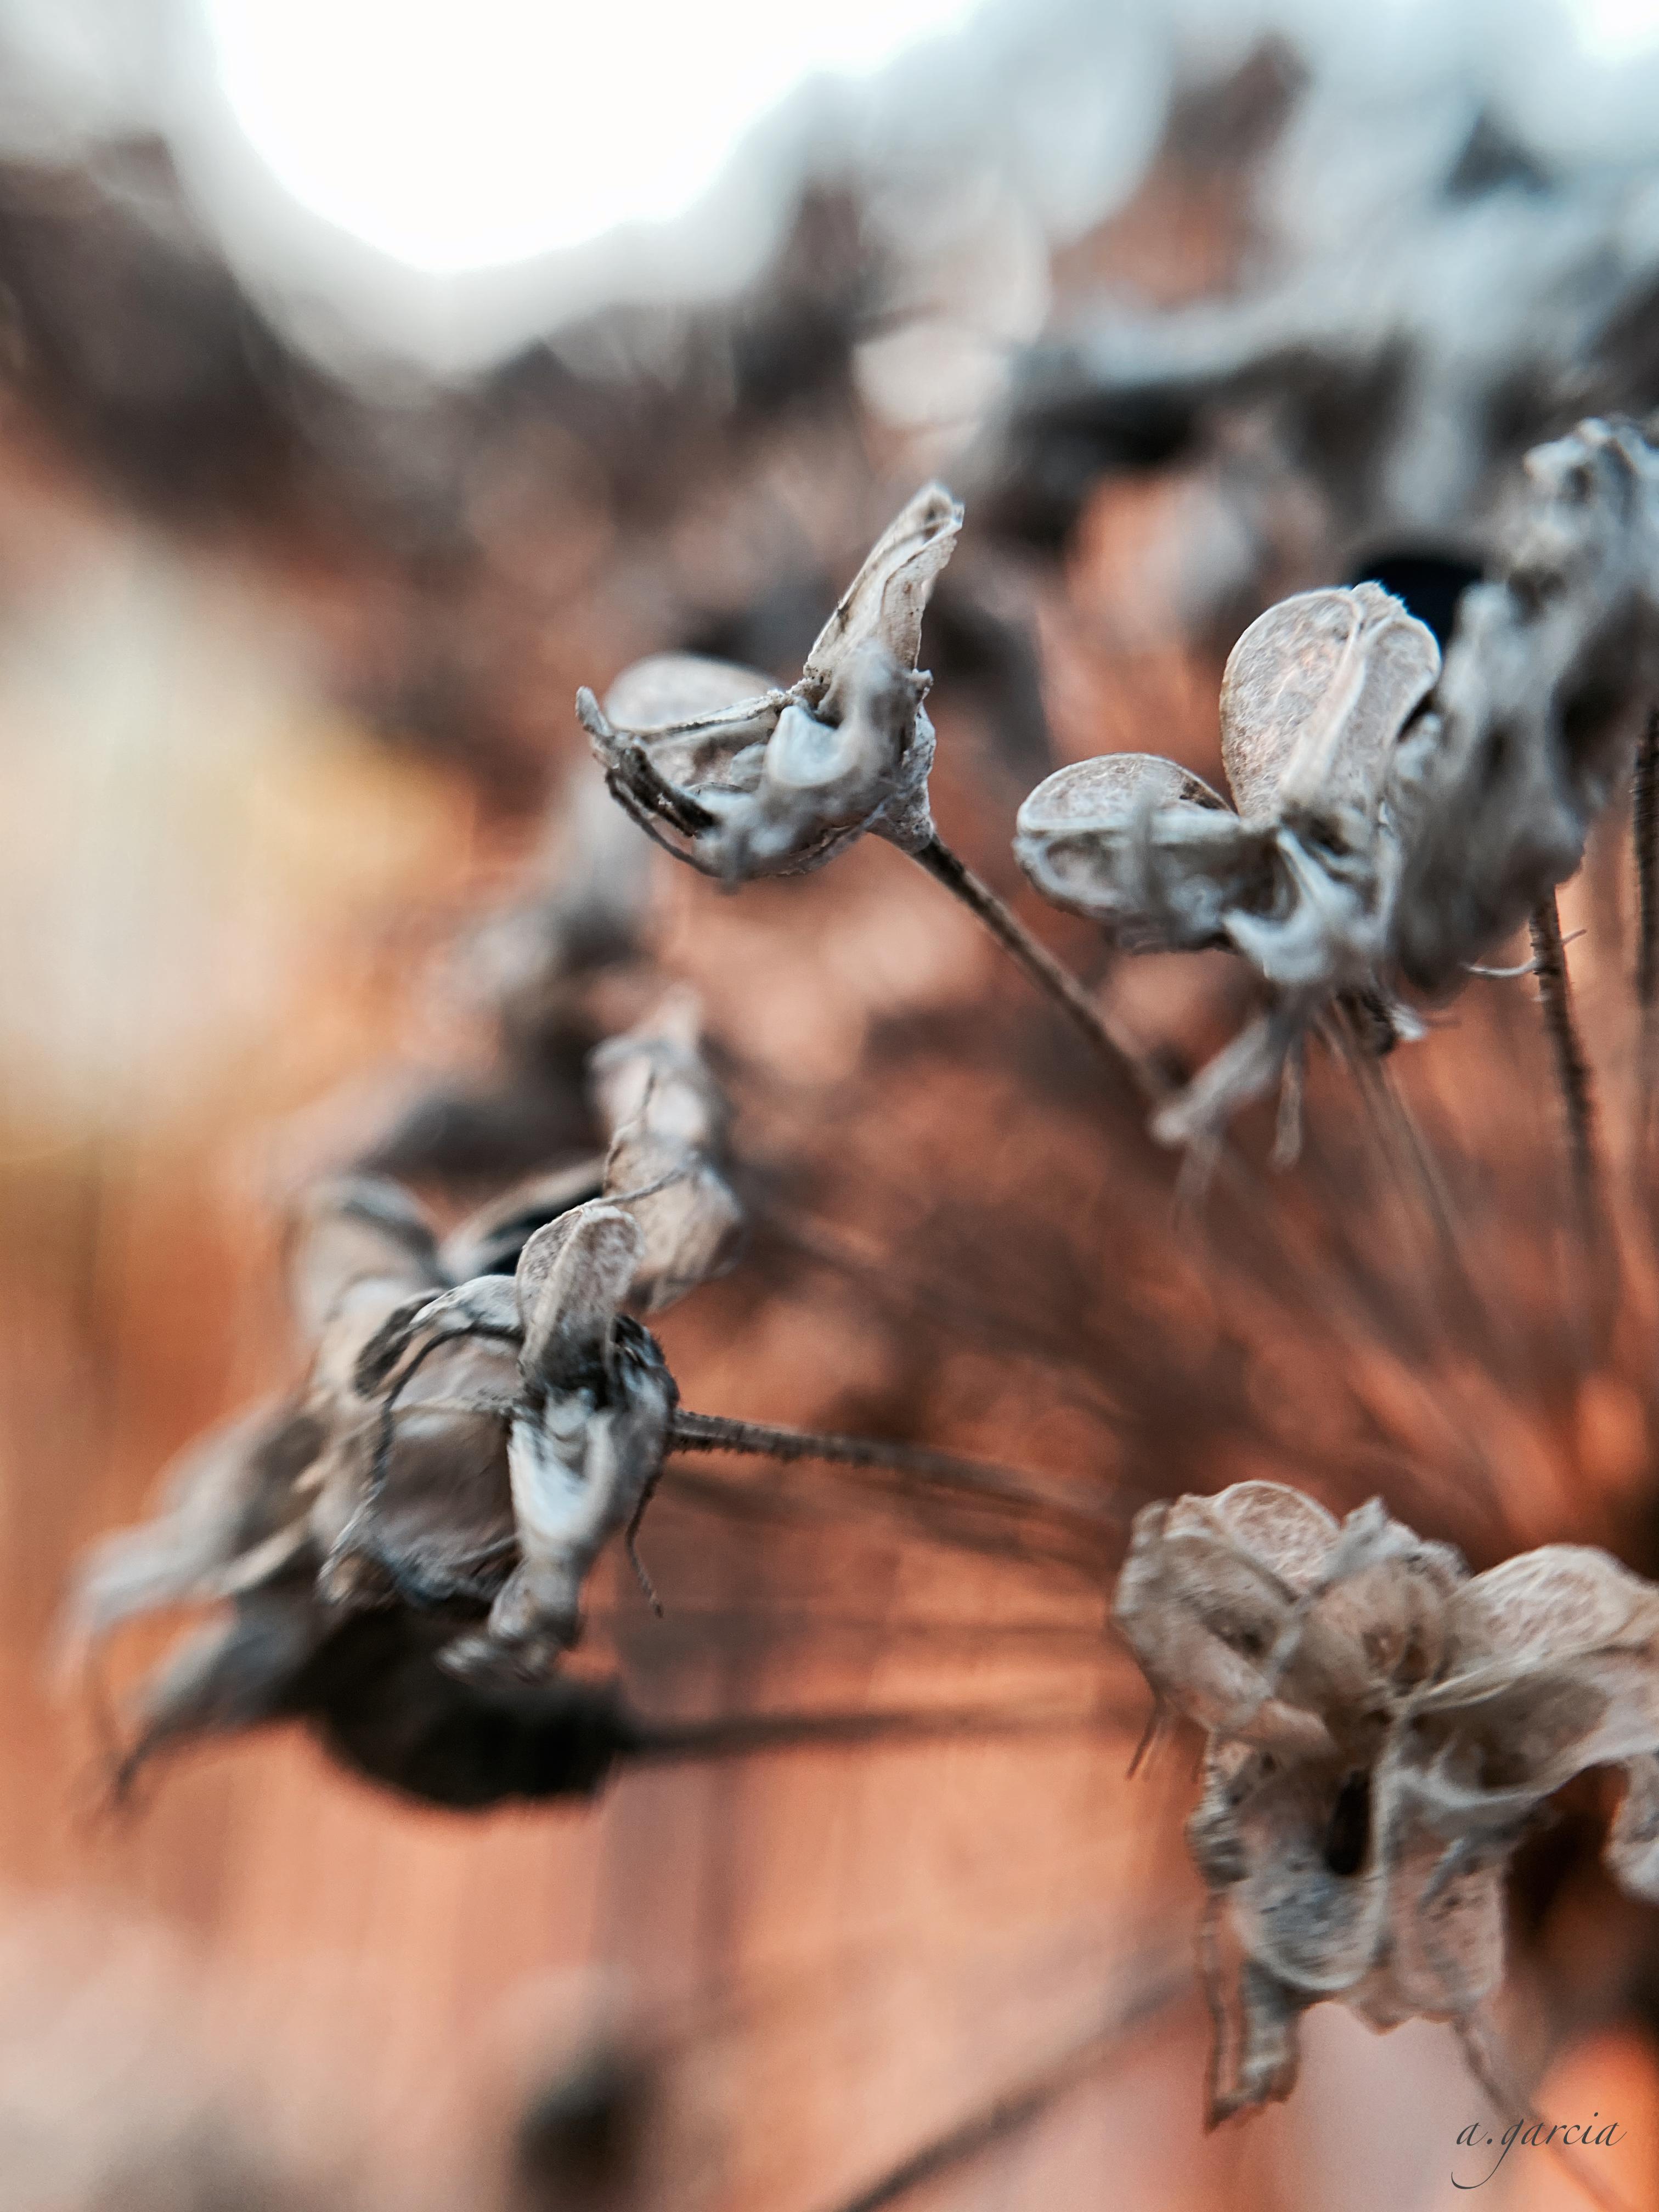 Spent petals of a garlic plant